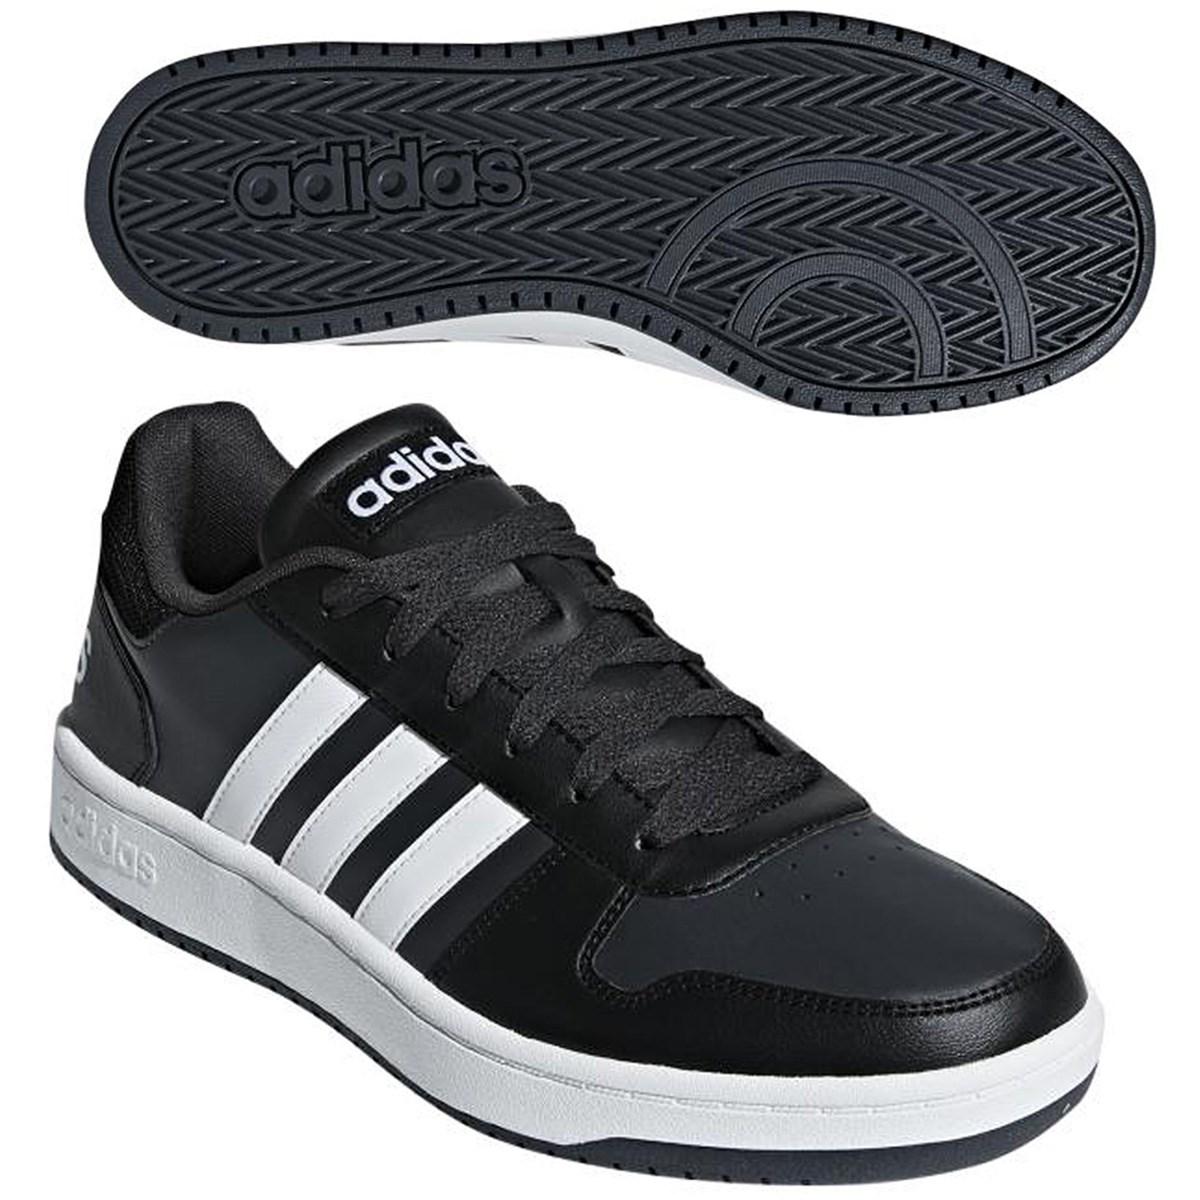 アディダス(adidas) ADIHOOPS 2.0 シューズ